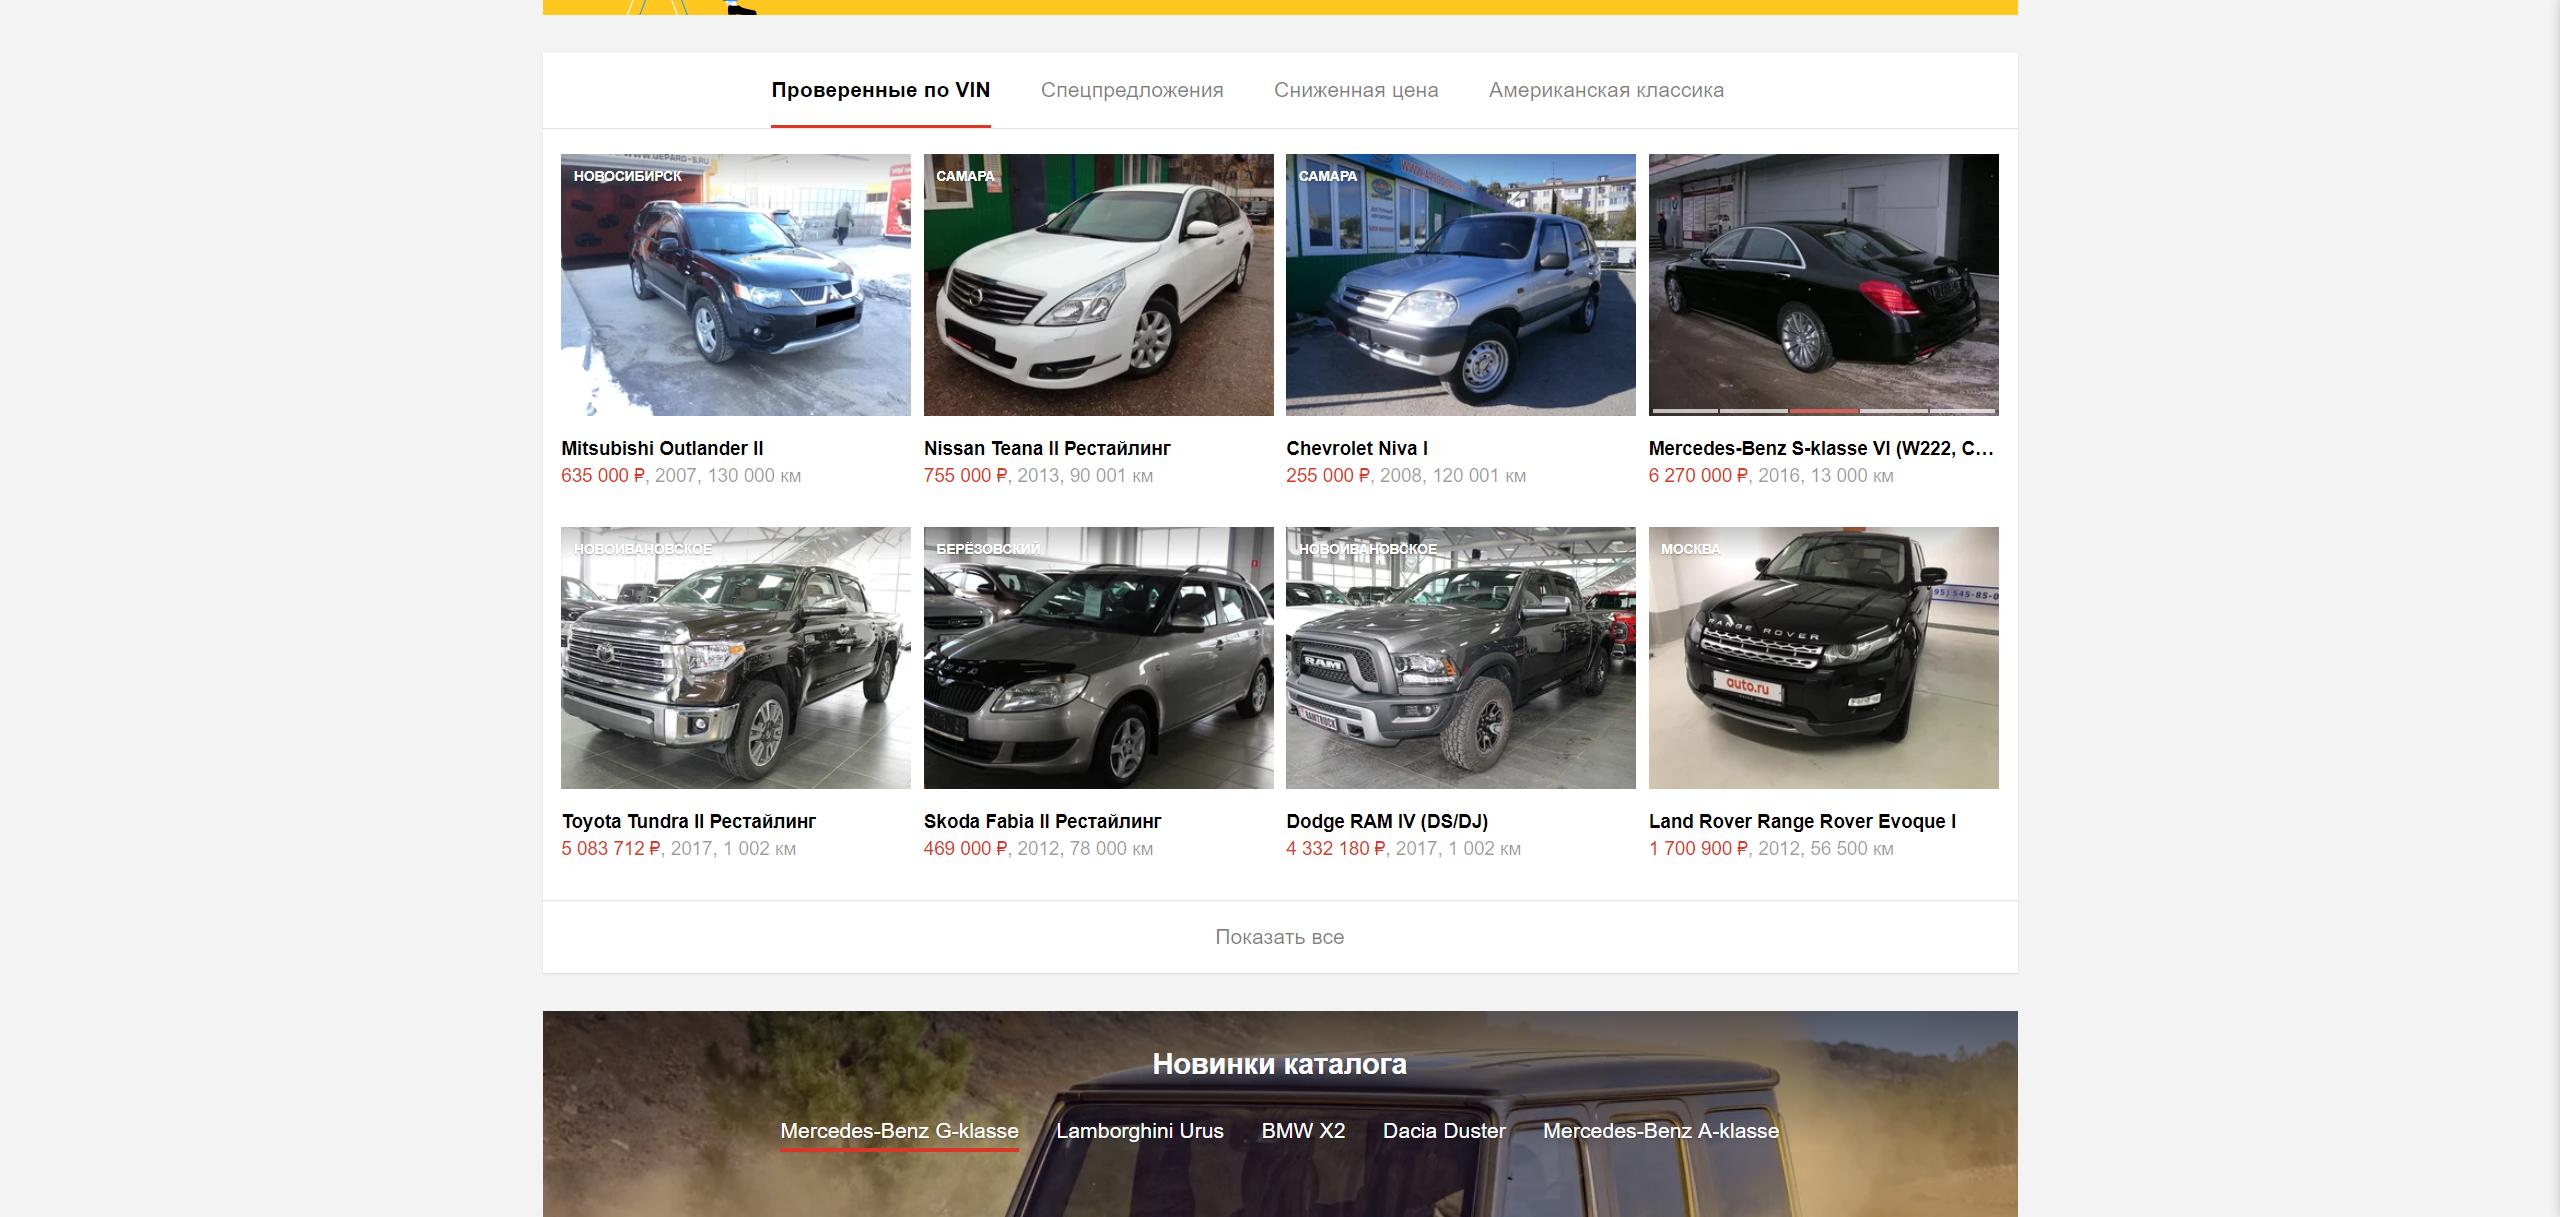 Avto.ru-информационный сайт